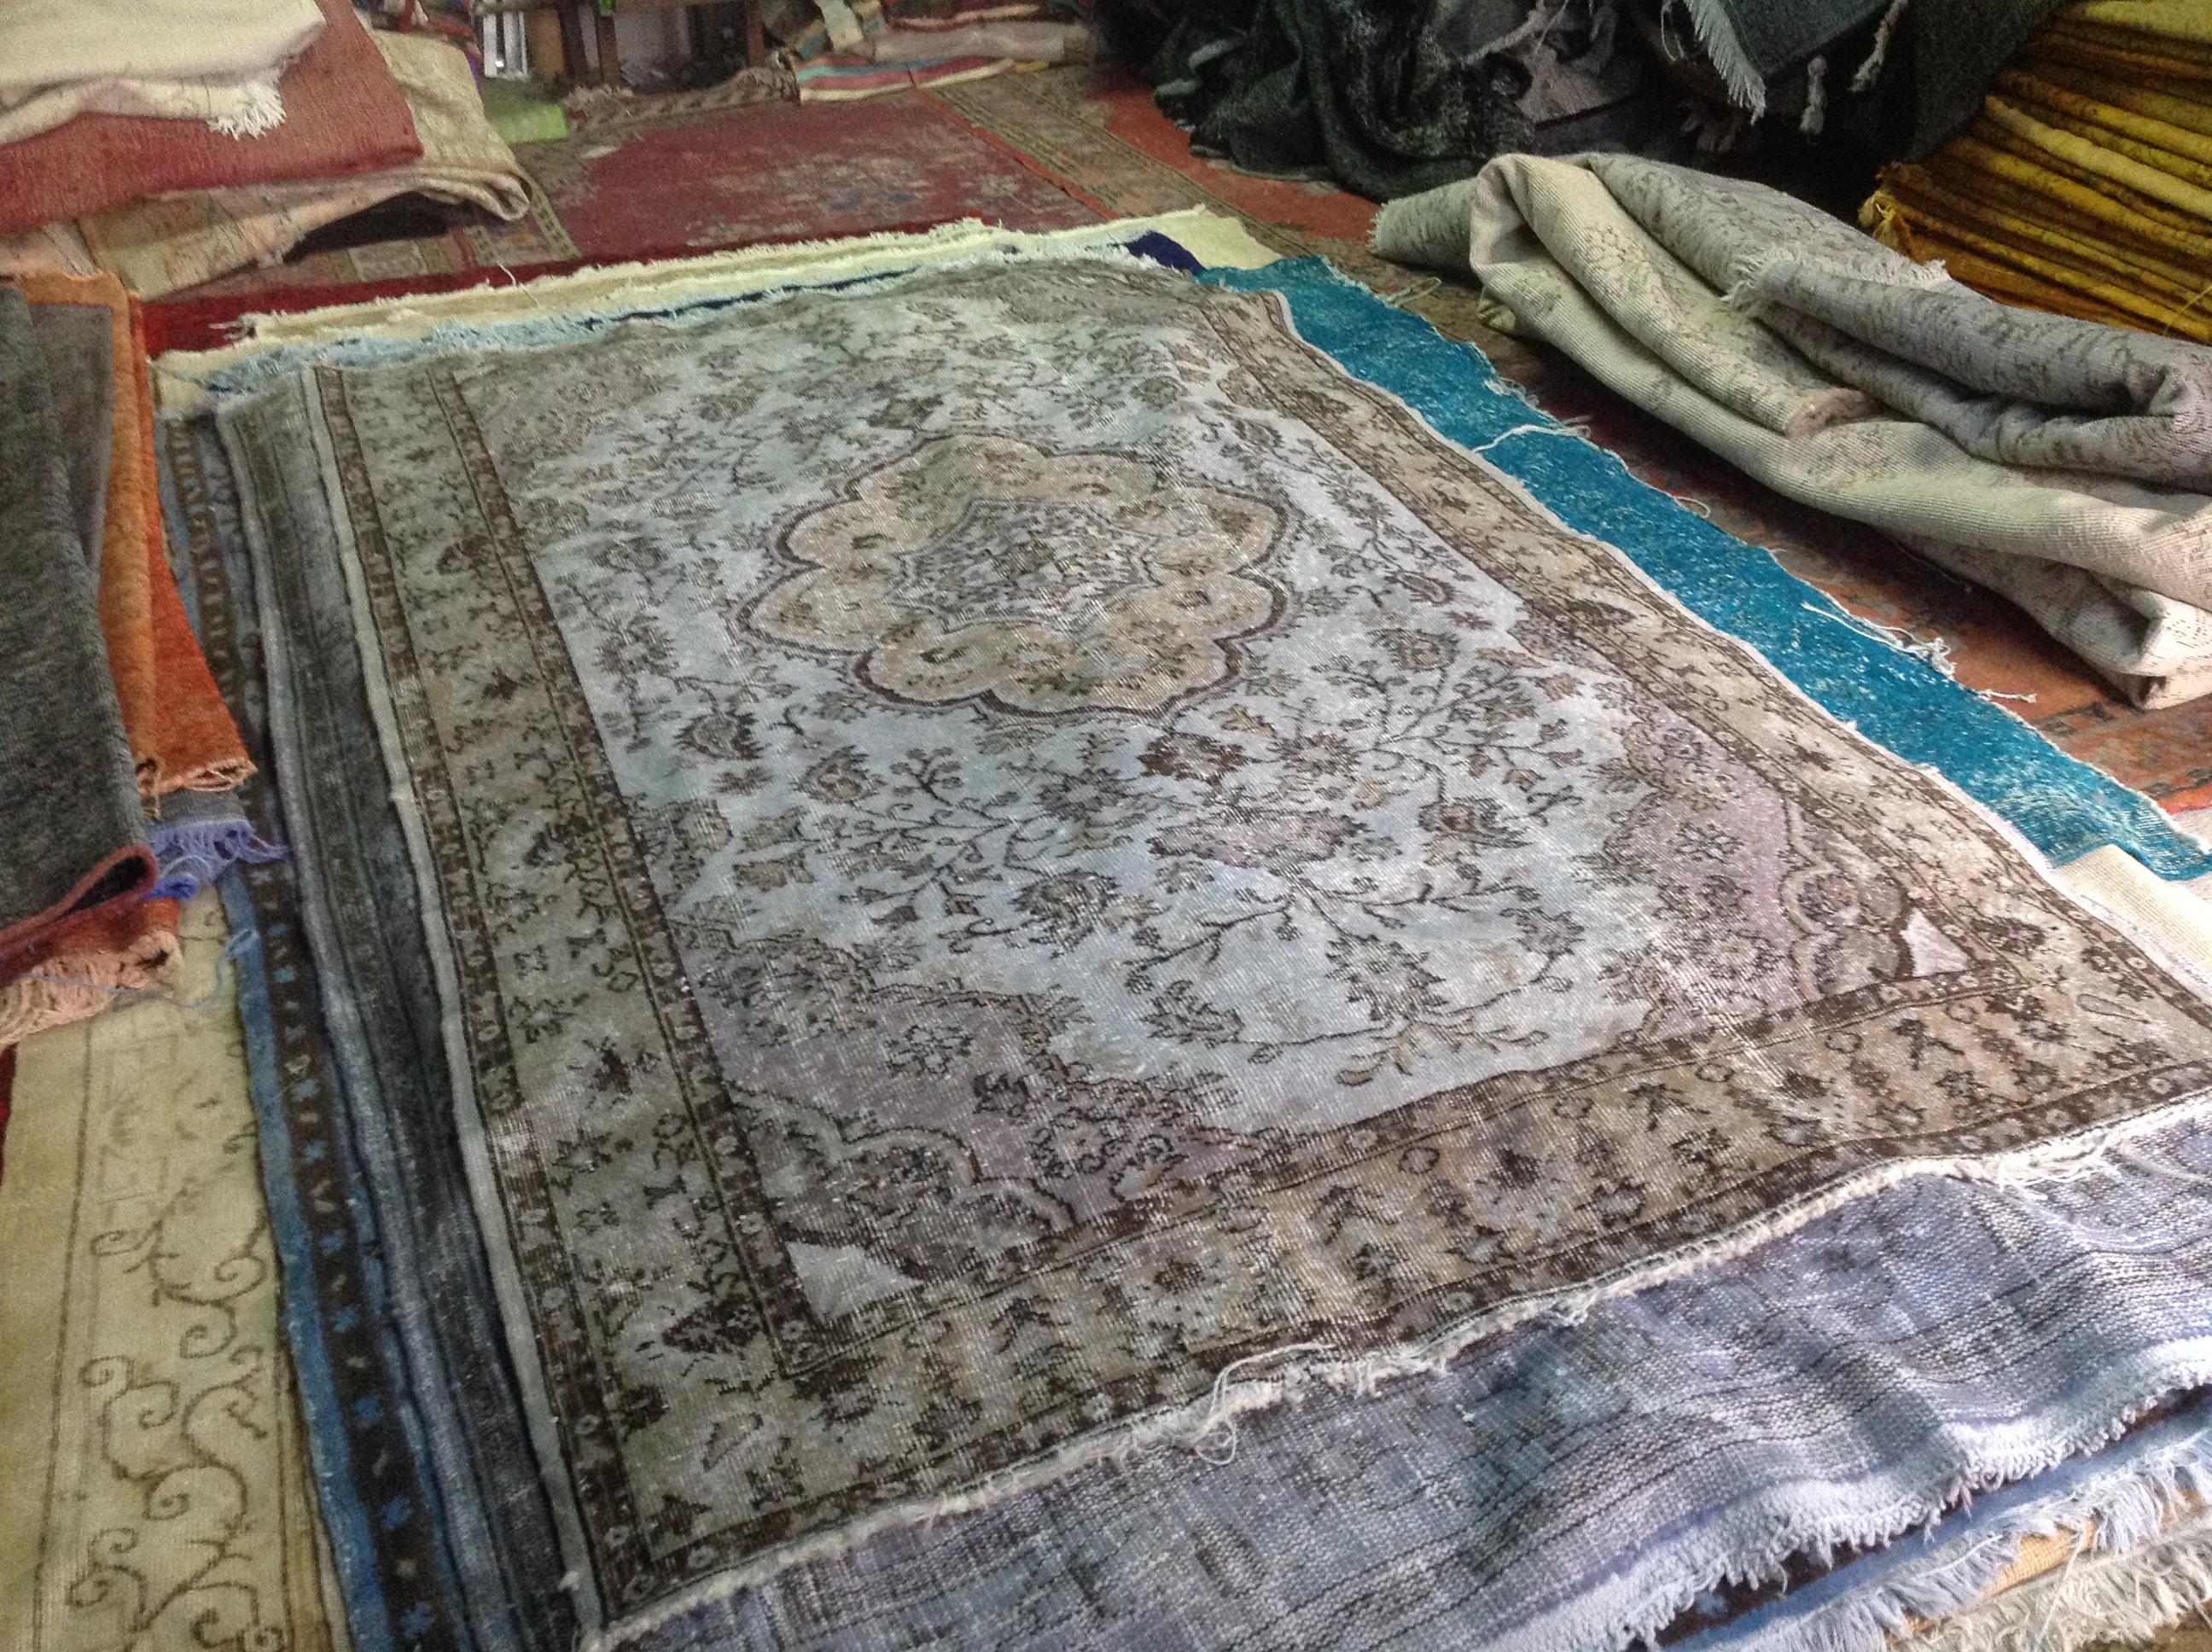 NIEUW INGEKOCHT vintage vloerkleed  uit Turkije 255cm x 166cm, no 4561 LEVERBAAR VANAF 15 DECEMBER